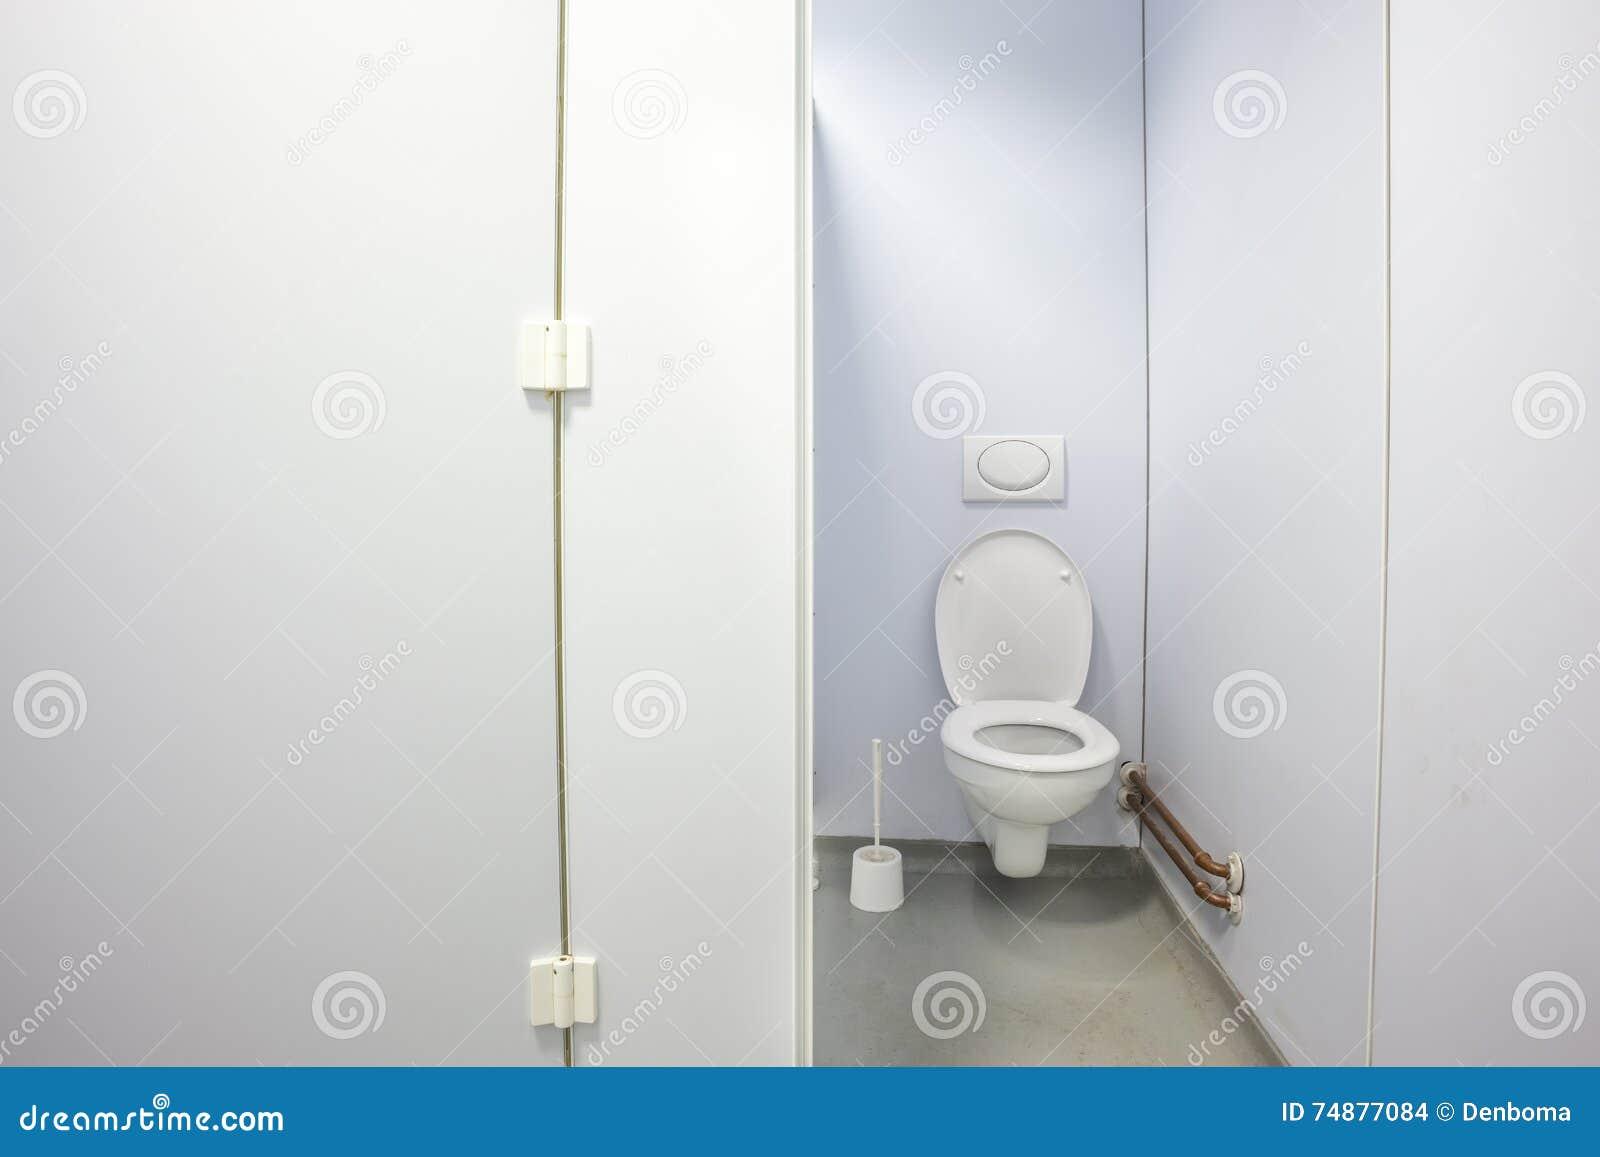 Toilette publique